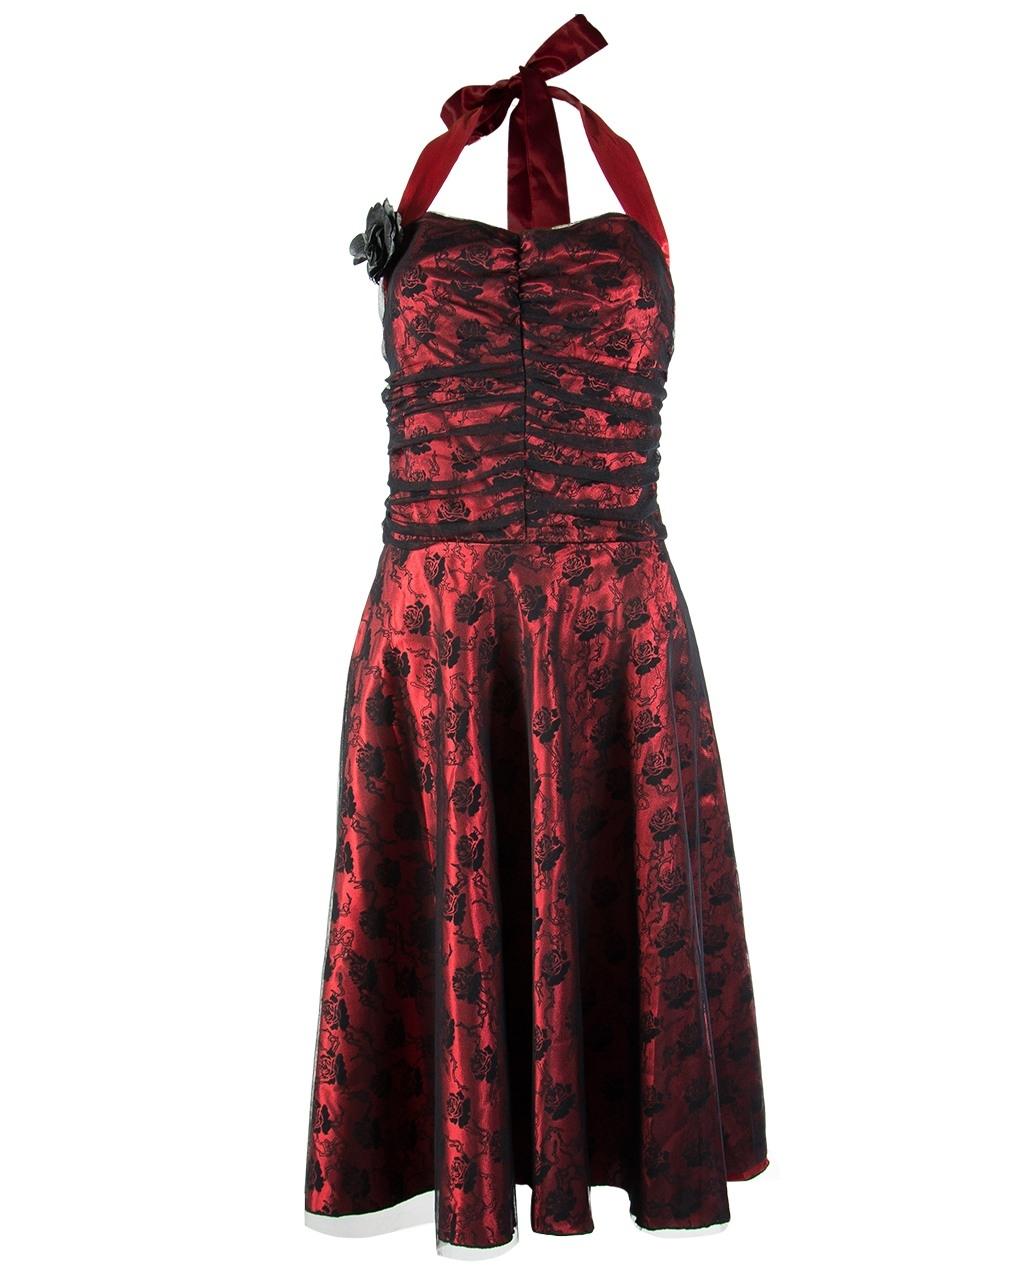 17 Genial Rot Schwarzes Kleid Ärmel10 Fantastisch Rot Schwarzes Kleid Vertrieb